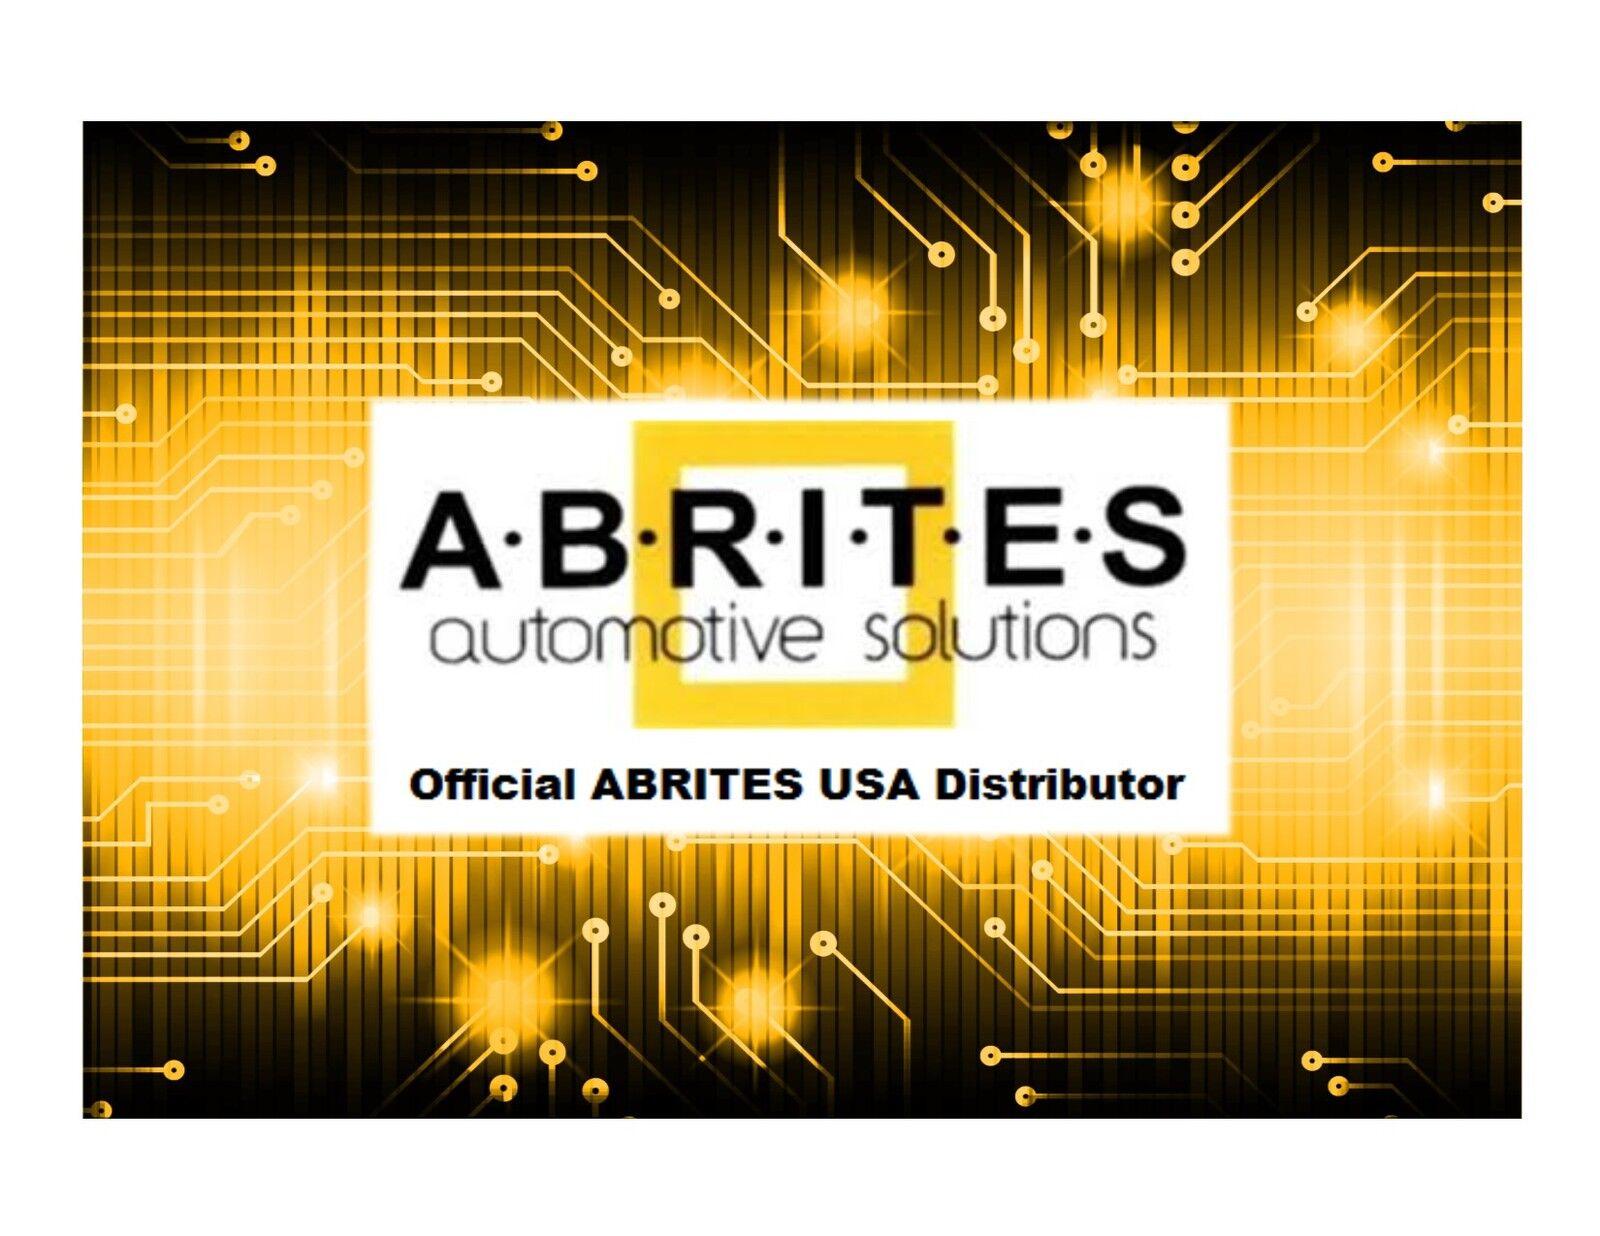 ABRITES USA Distributor